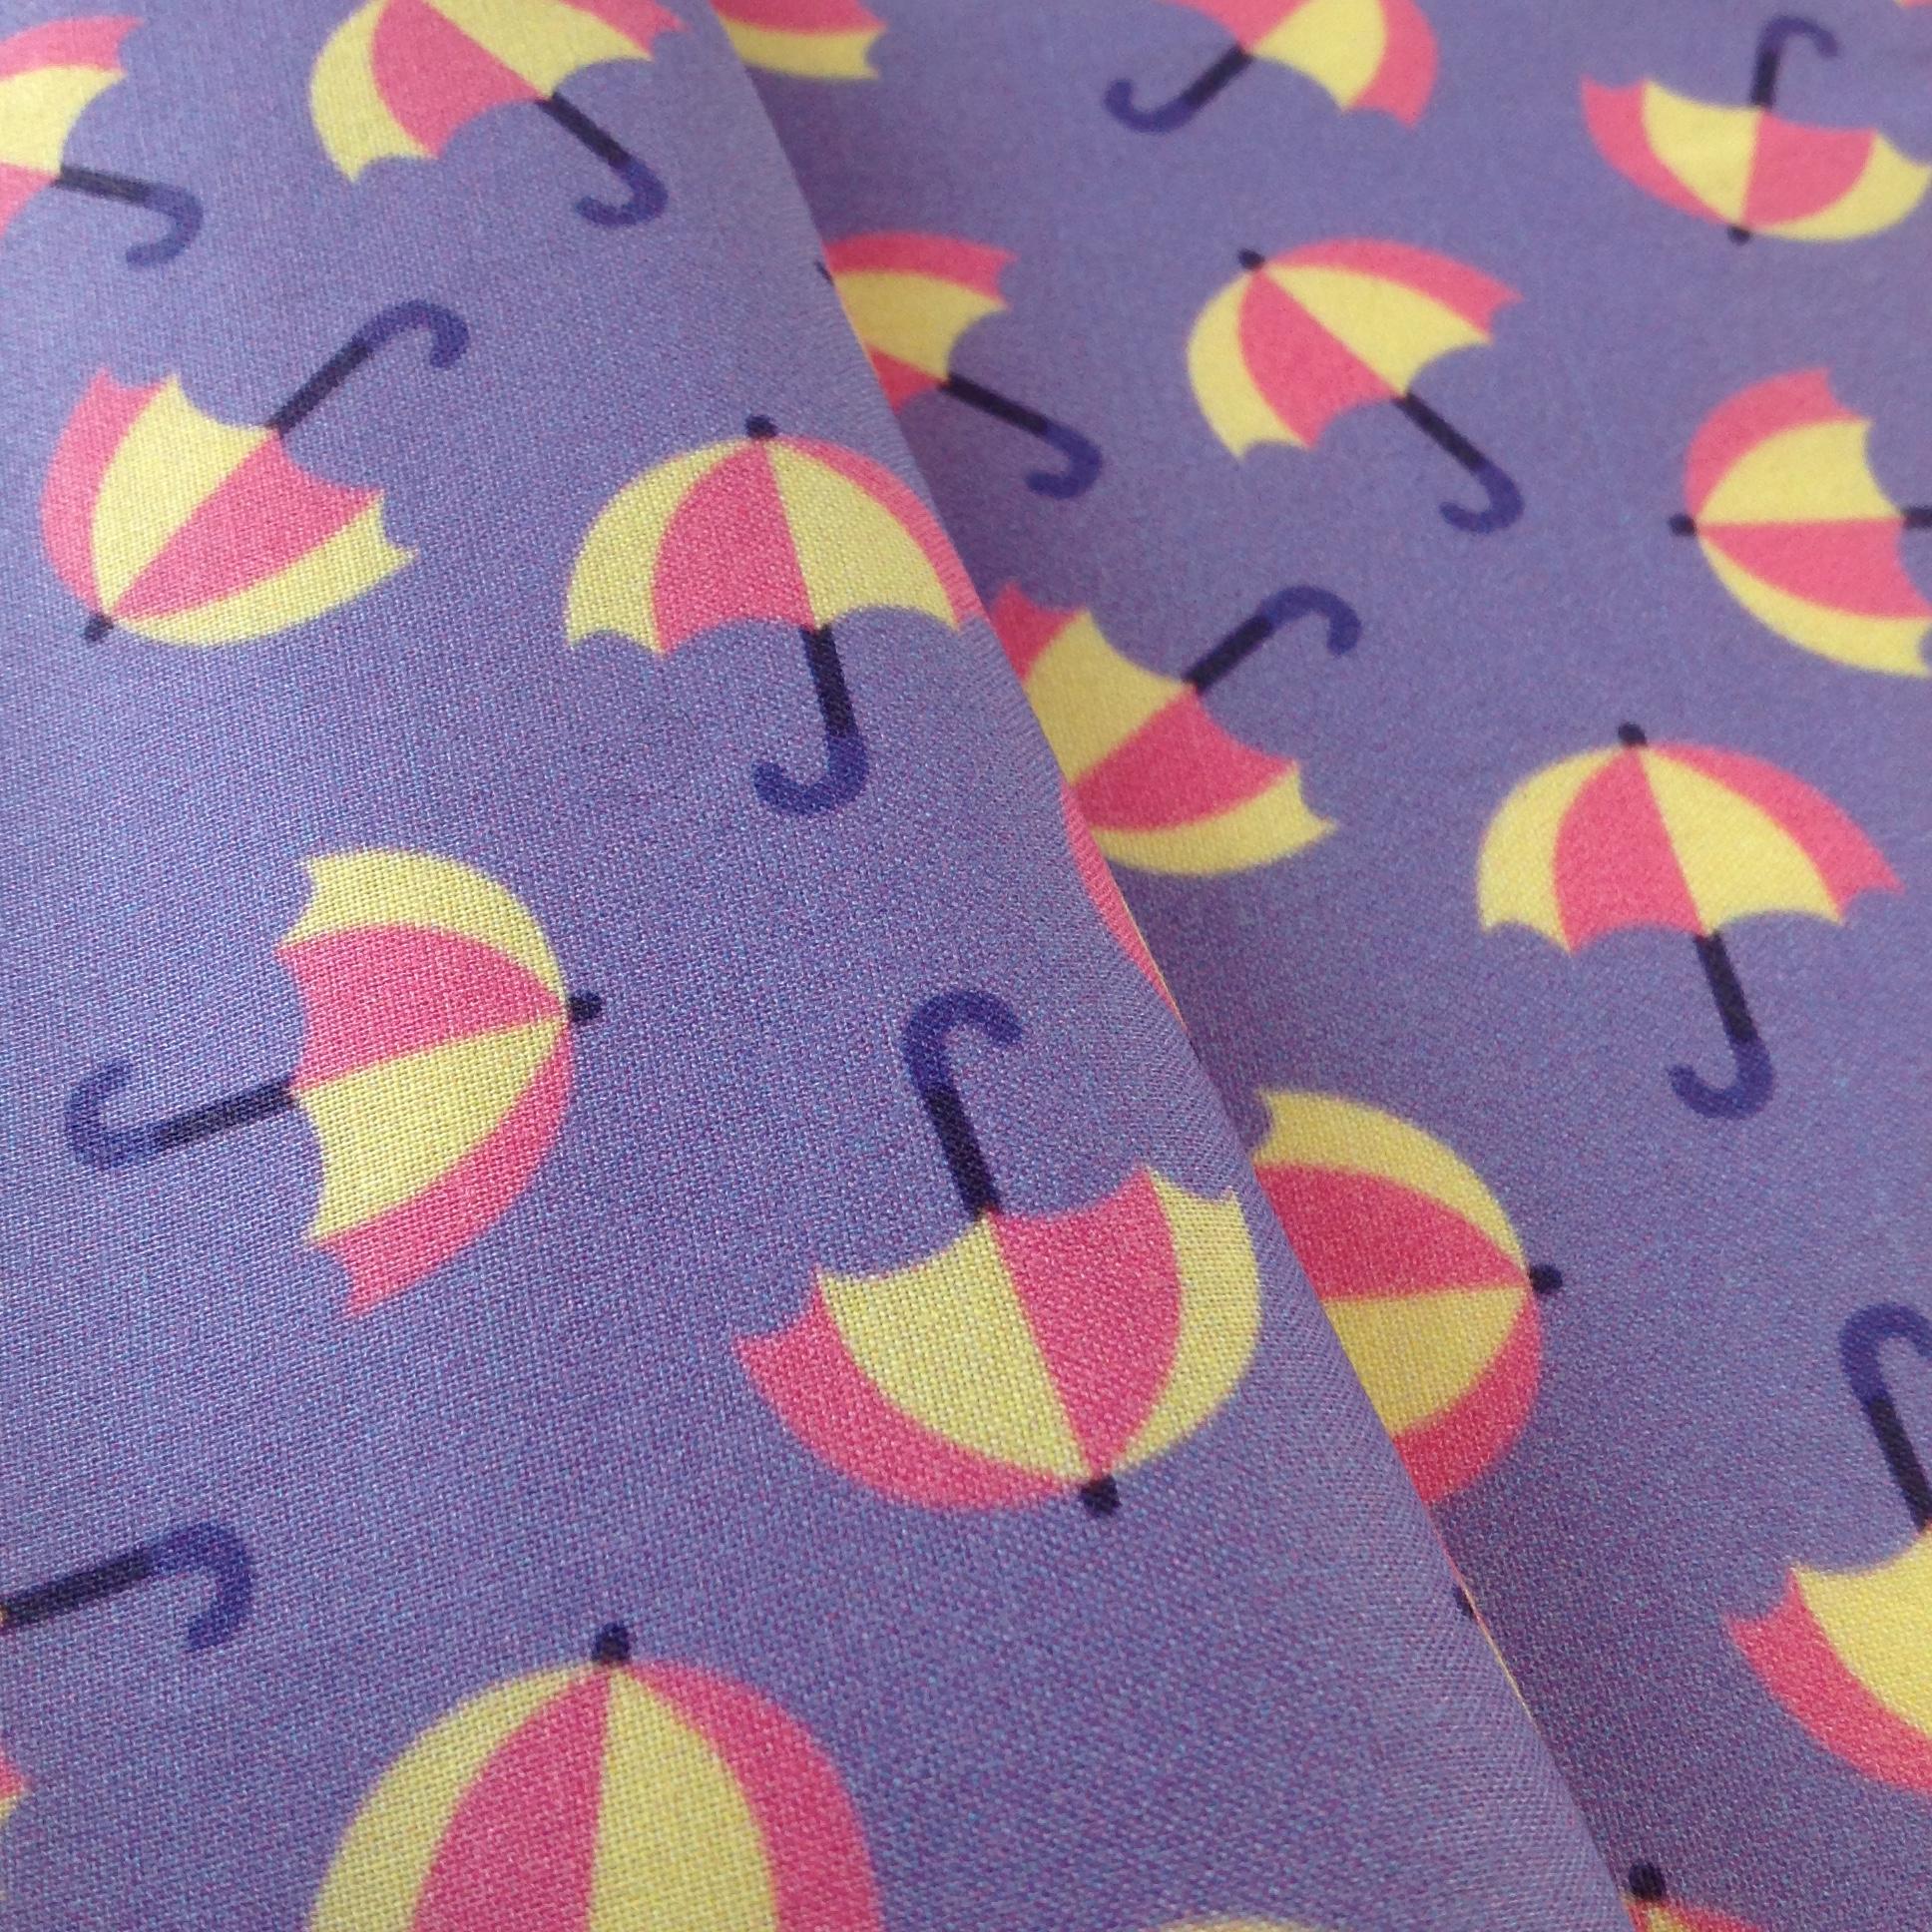 Raining umbrellas fabric